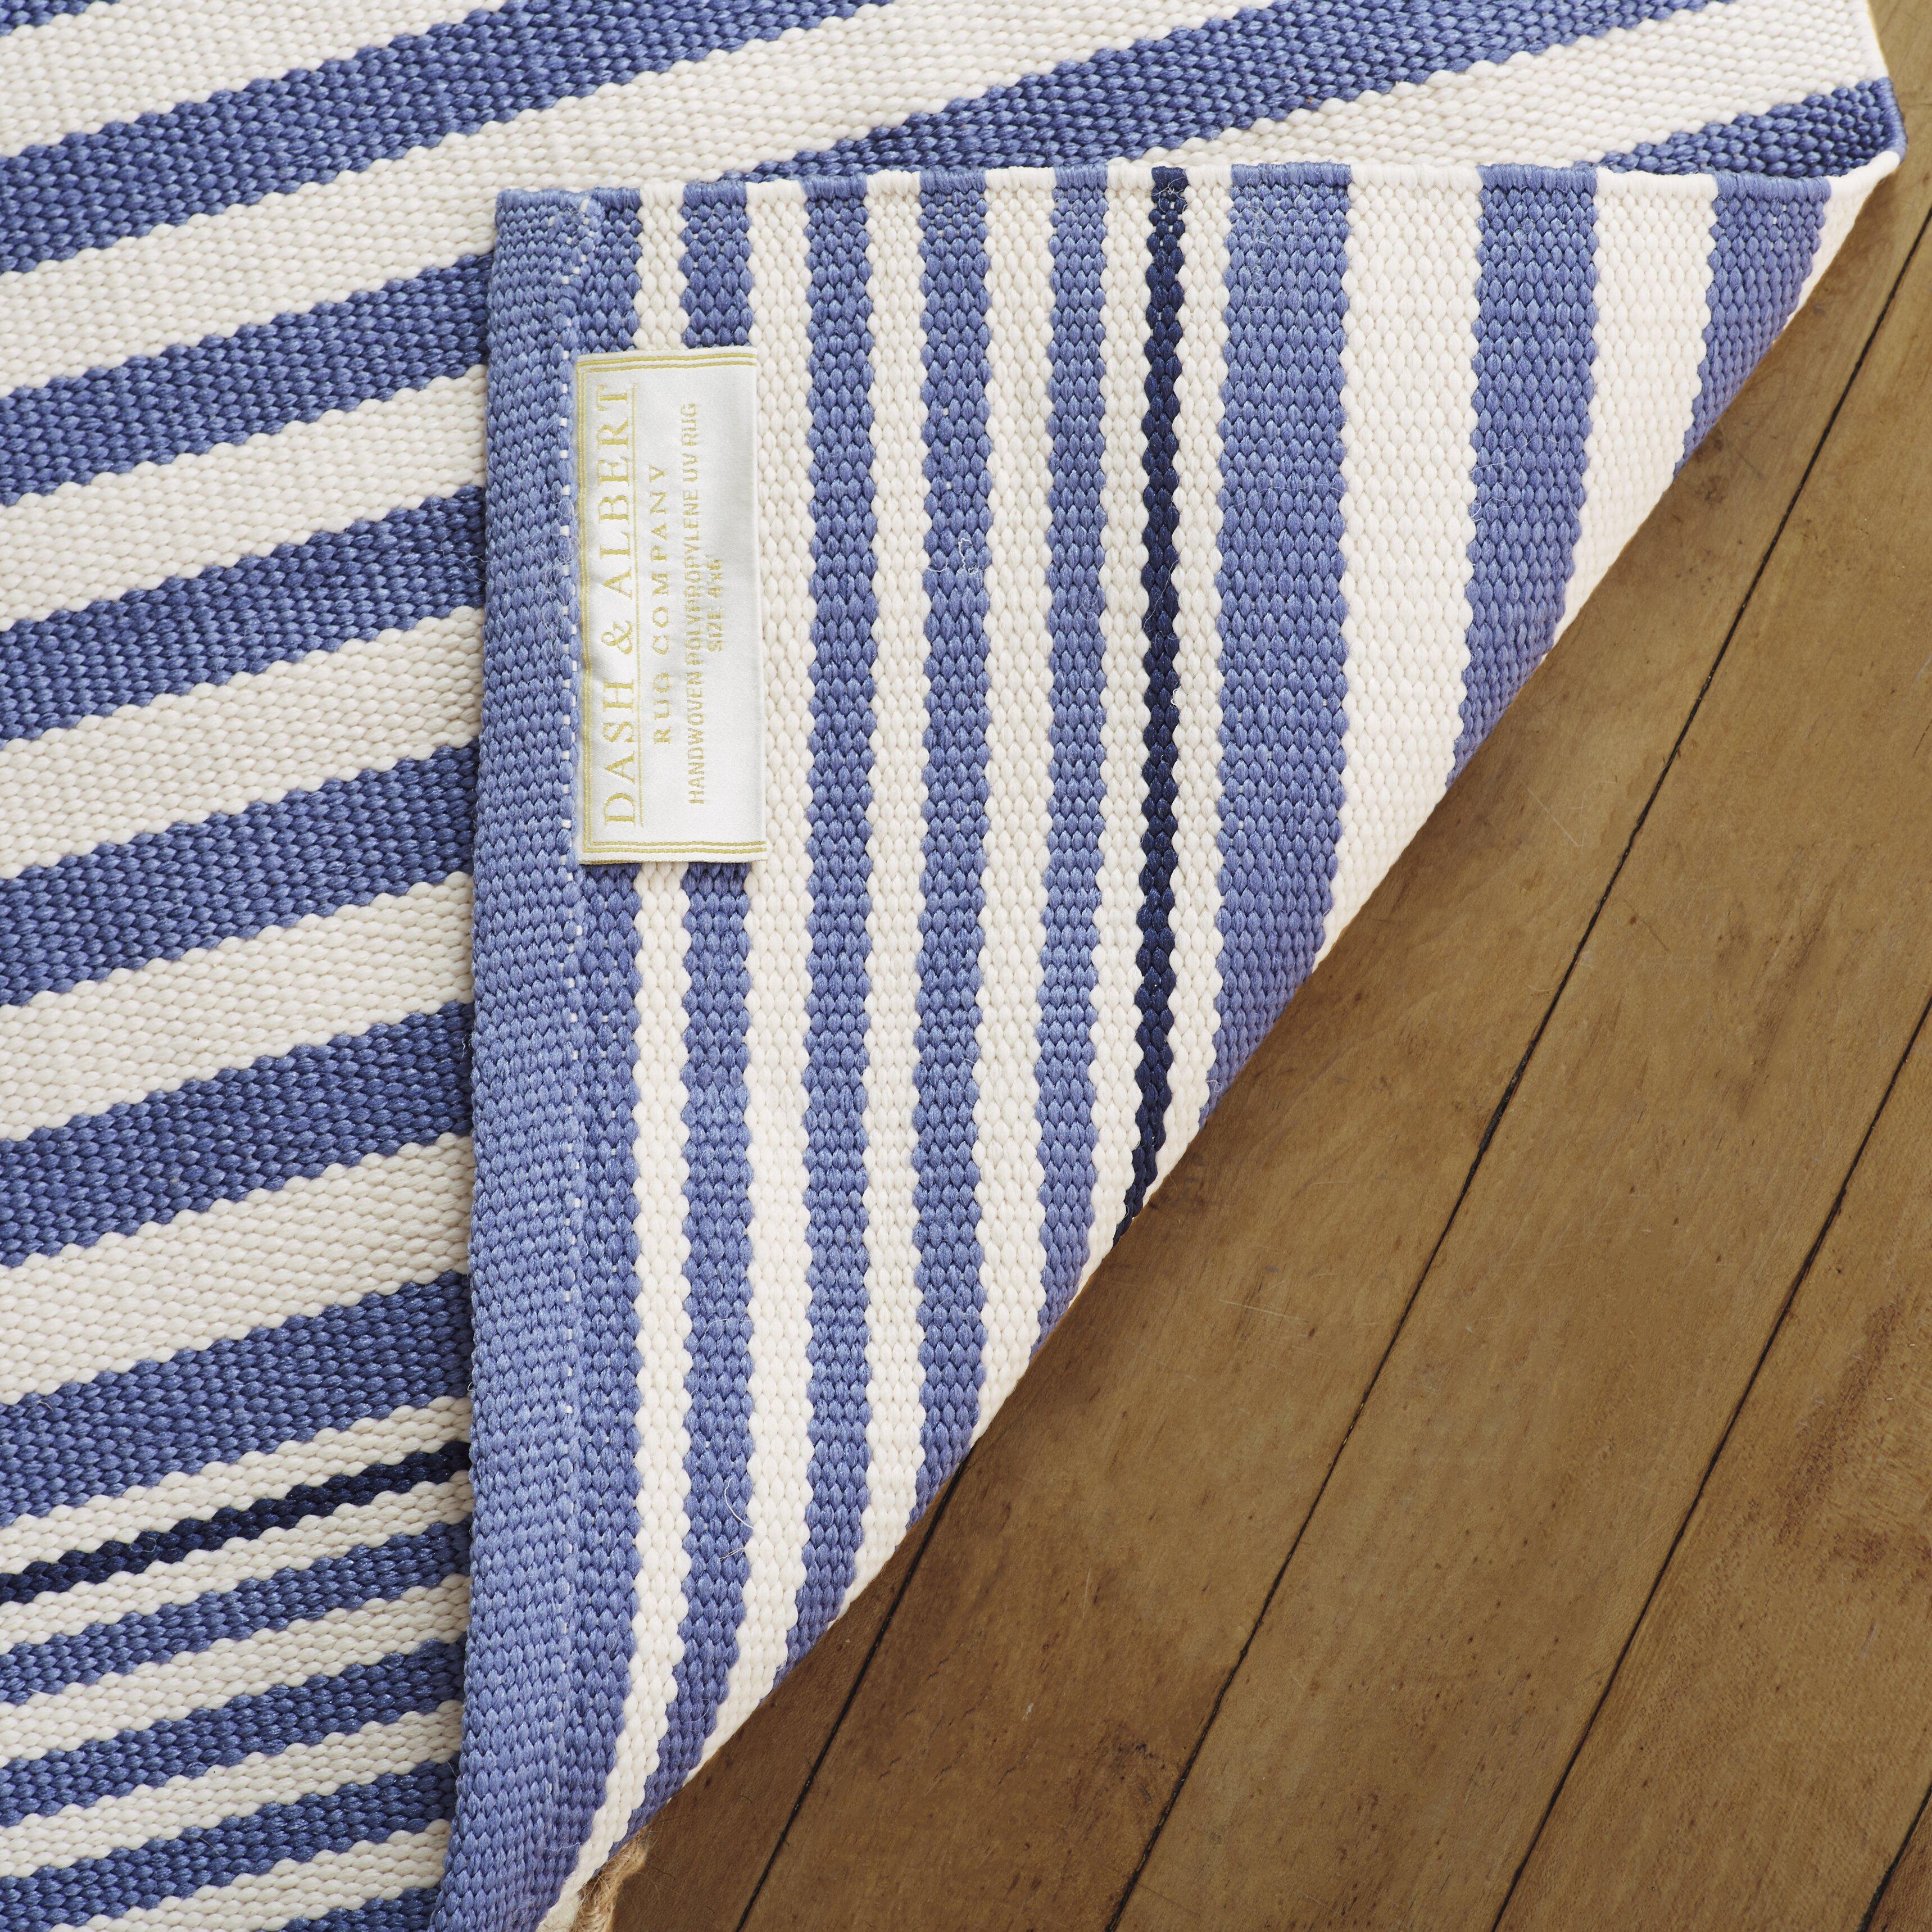 Dash and albert rugs indoor outdoor hand woven blue area for Albert and dash outdoor rugs